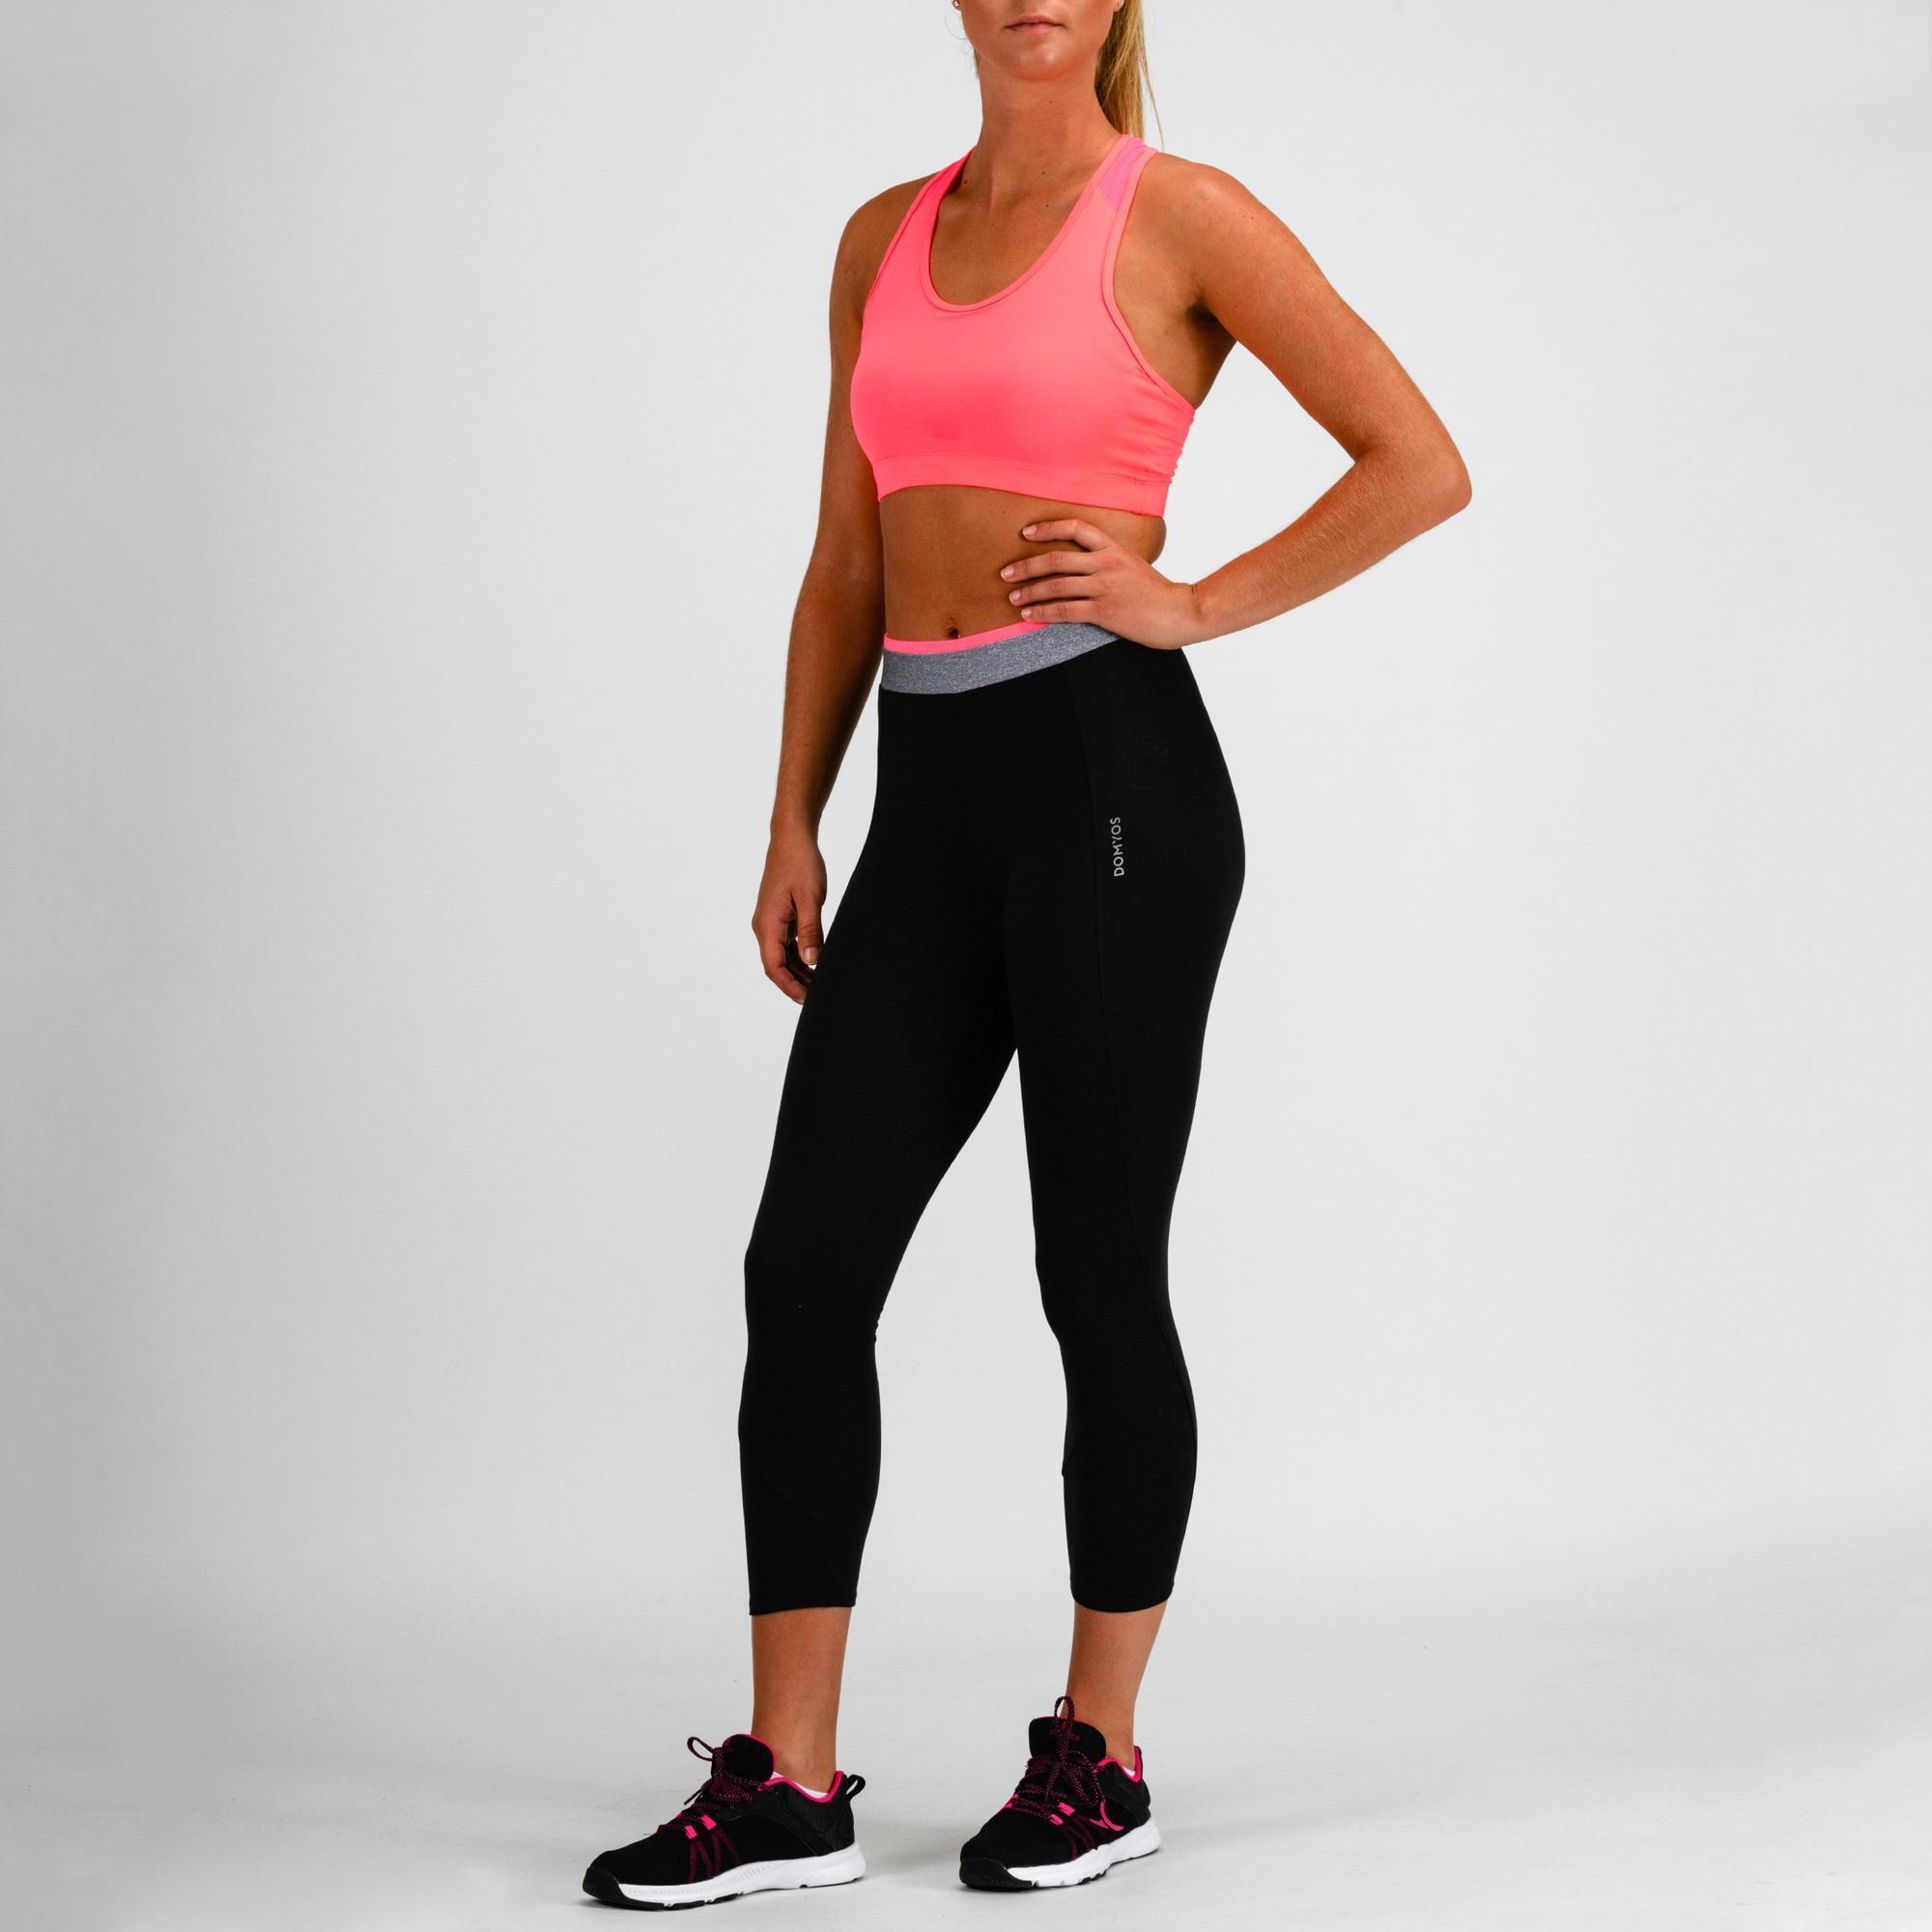 7165dfda Comprar Leggins y Mallas Deportivas de Mujer | Decathlon